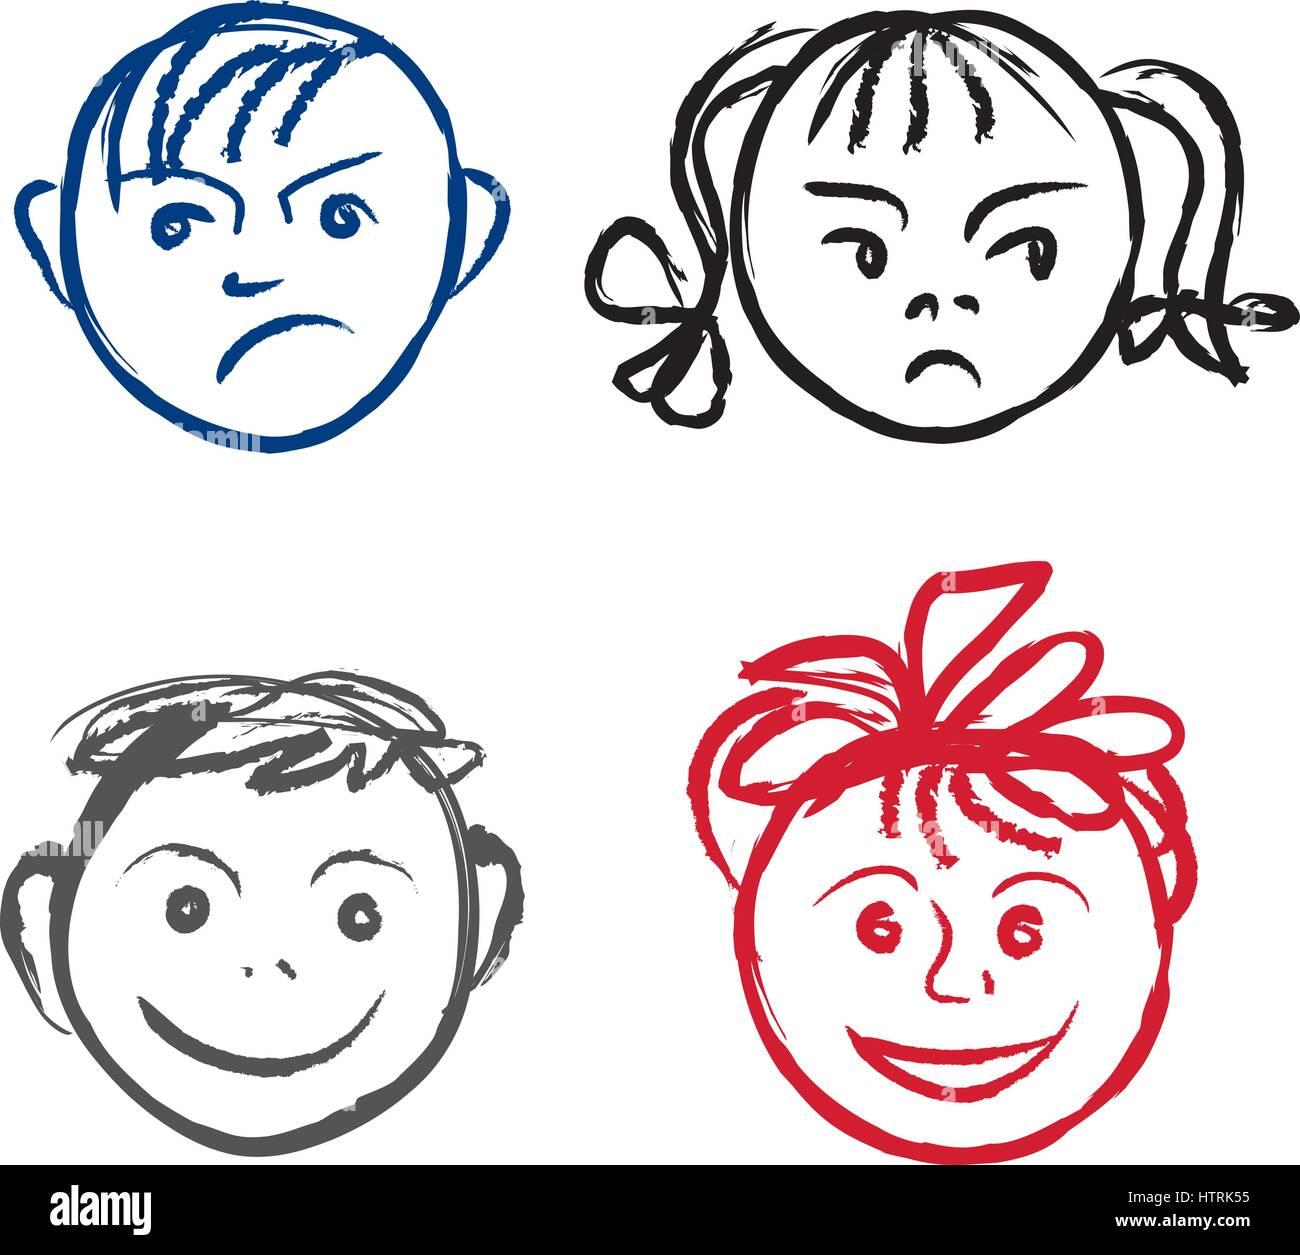 Kinder Lacheln Und Trauriges Gesicht Gesichter Profil Mit Anderen